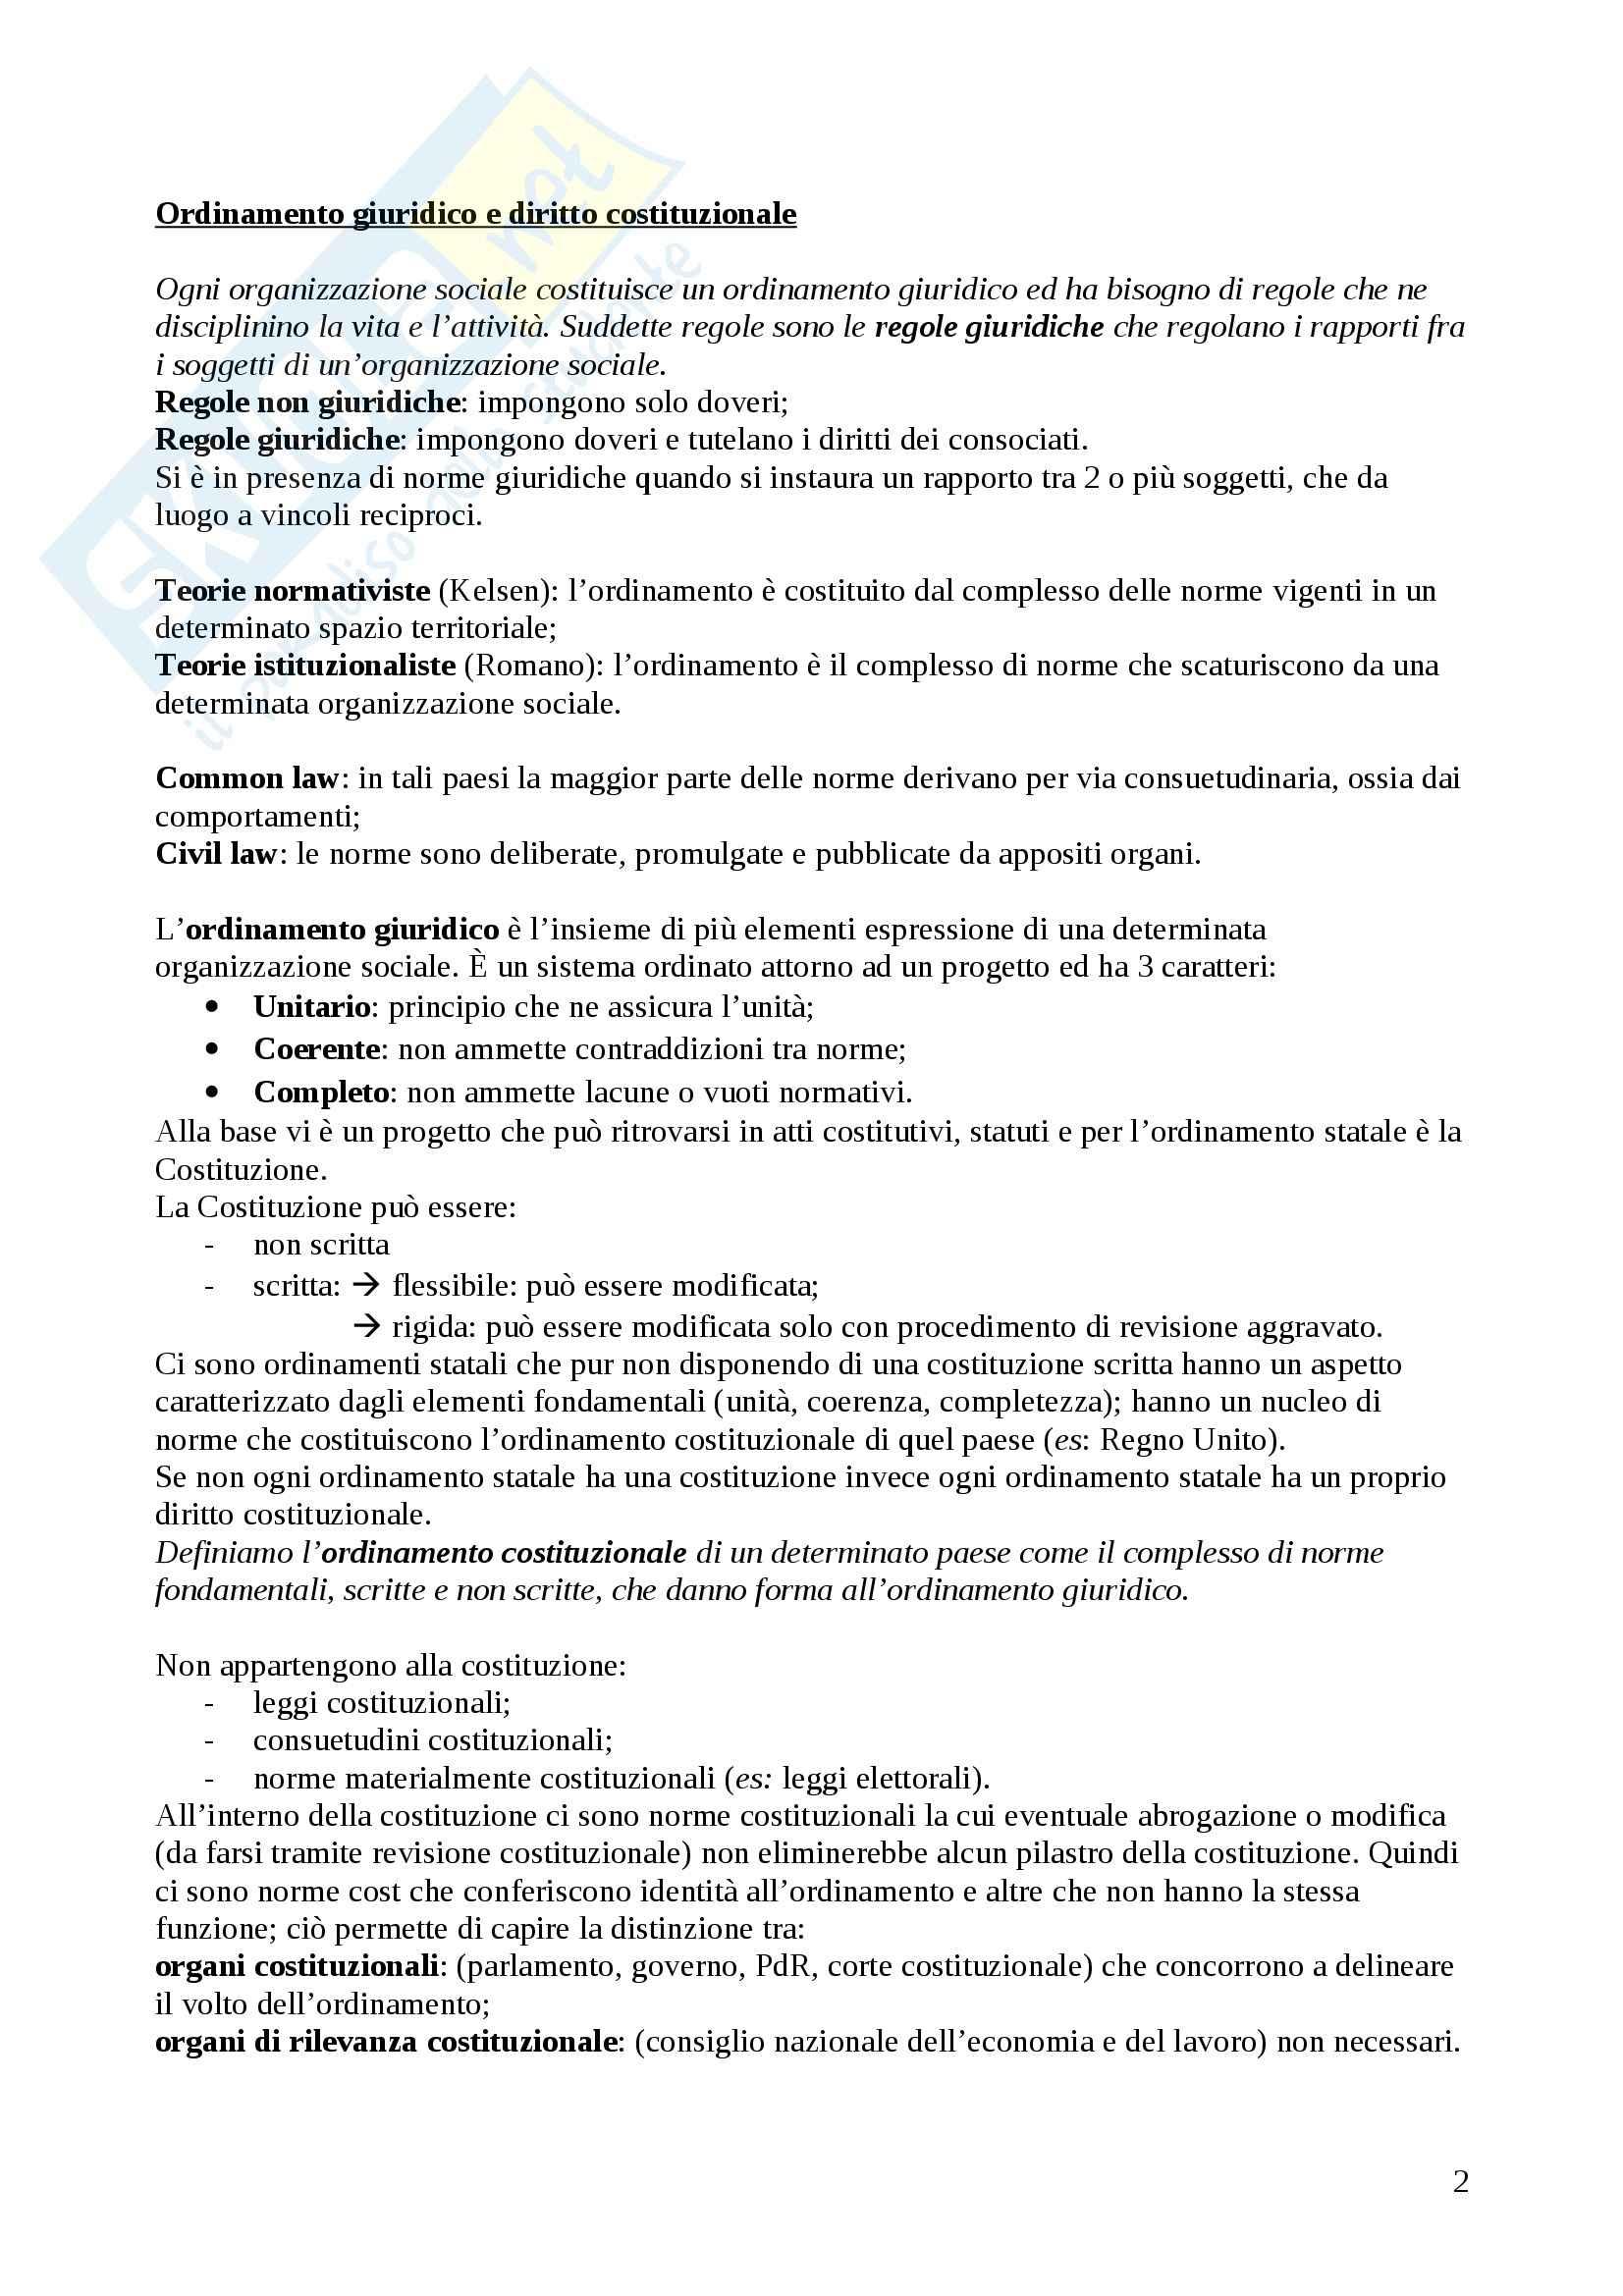 Diritto pubblico - Appunti Pag. 2